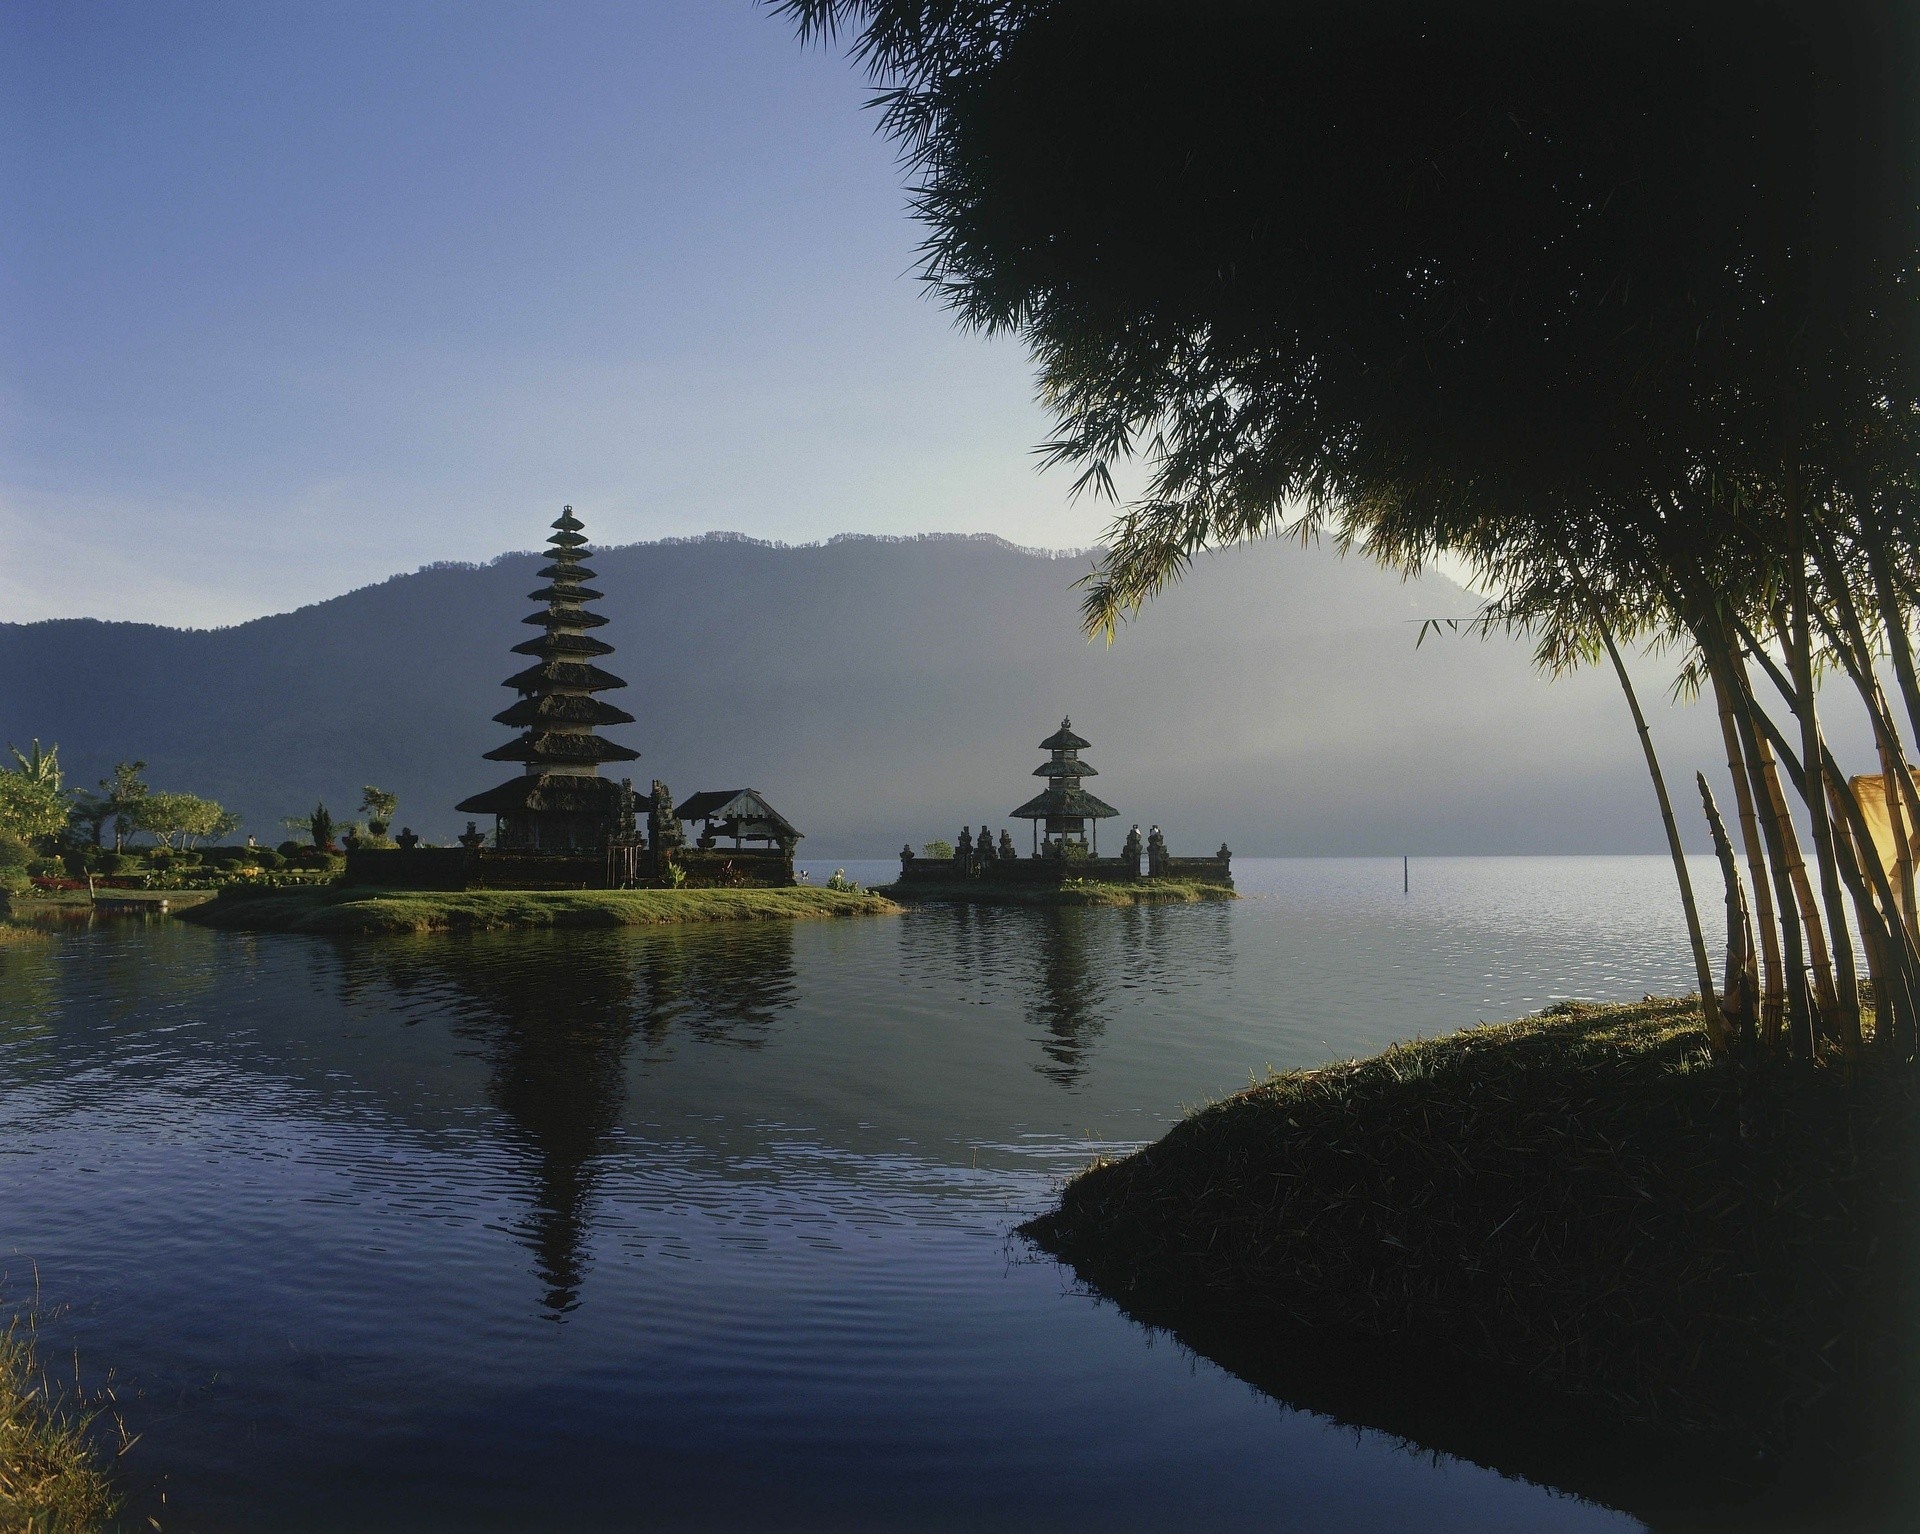 agencja randkowa Bali madison serwis randkowy zhakowana lista